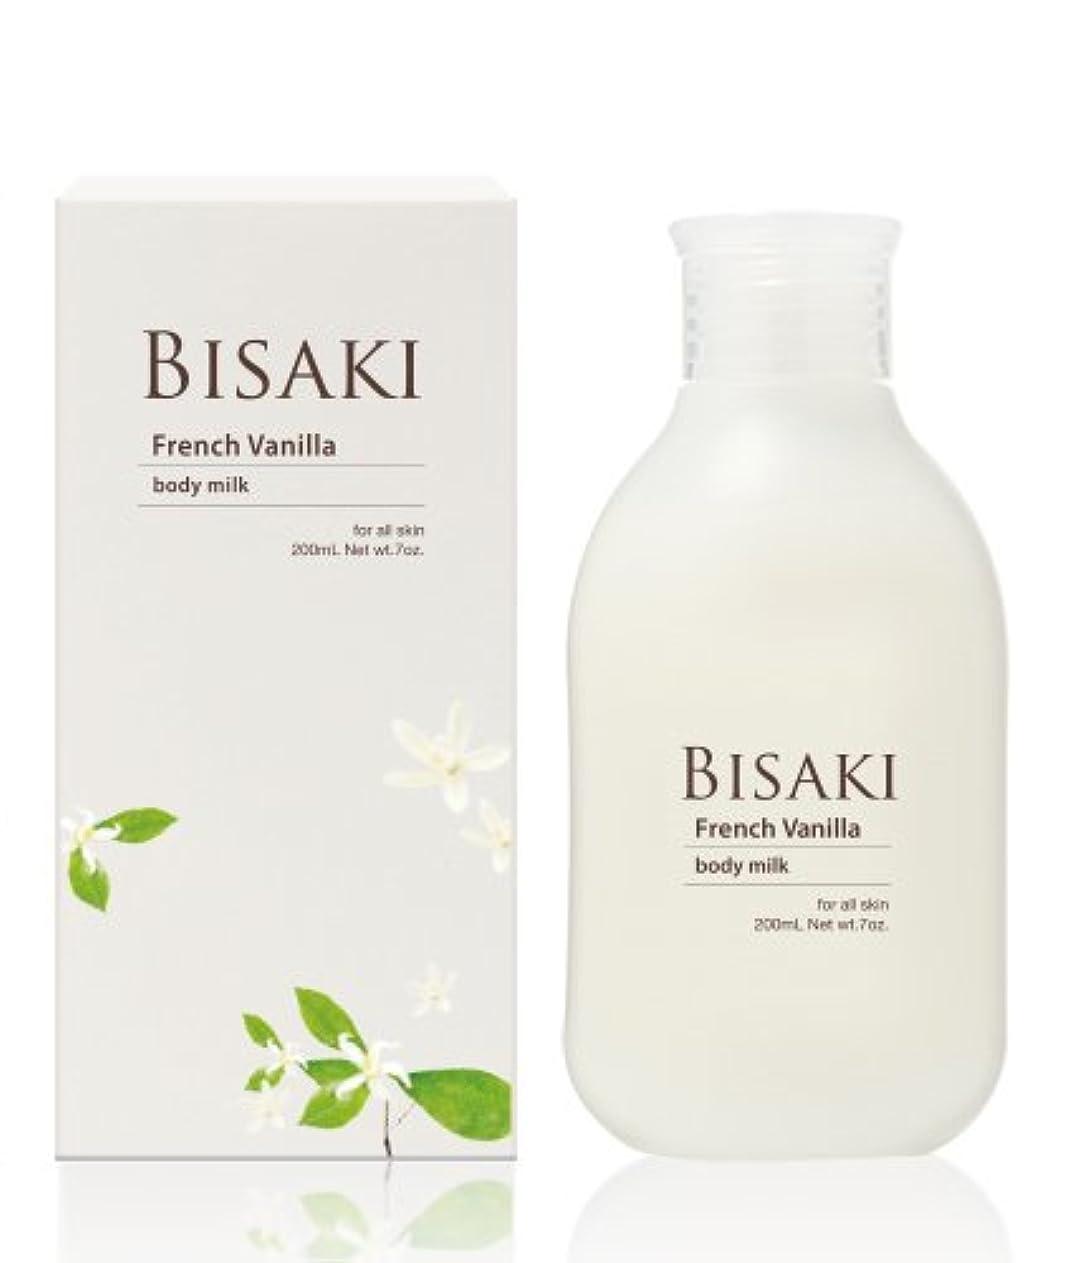 考案する開梱敗北BISAKI ボディミルク フレンチバニラ 200mL